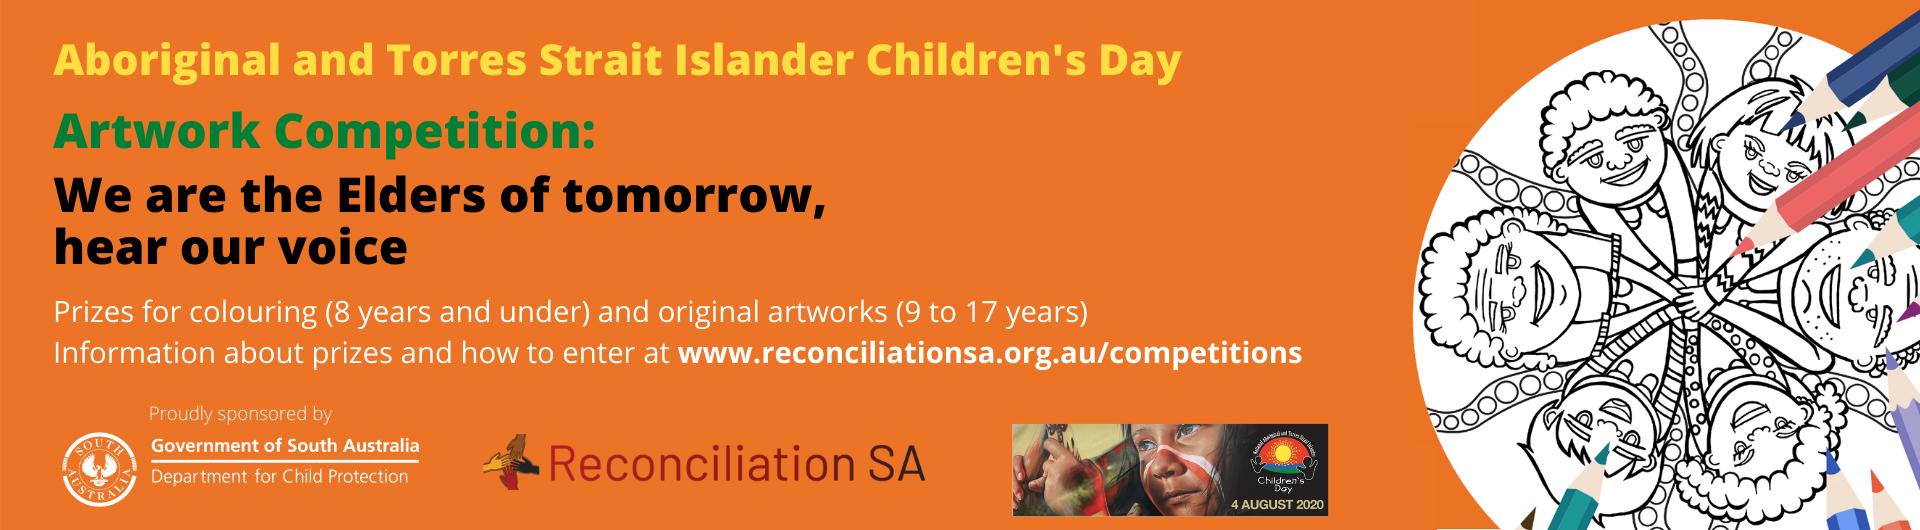 Aboriginal and Torres Strait Islander Children's Day 2020 Artwork Competition –